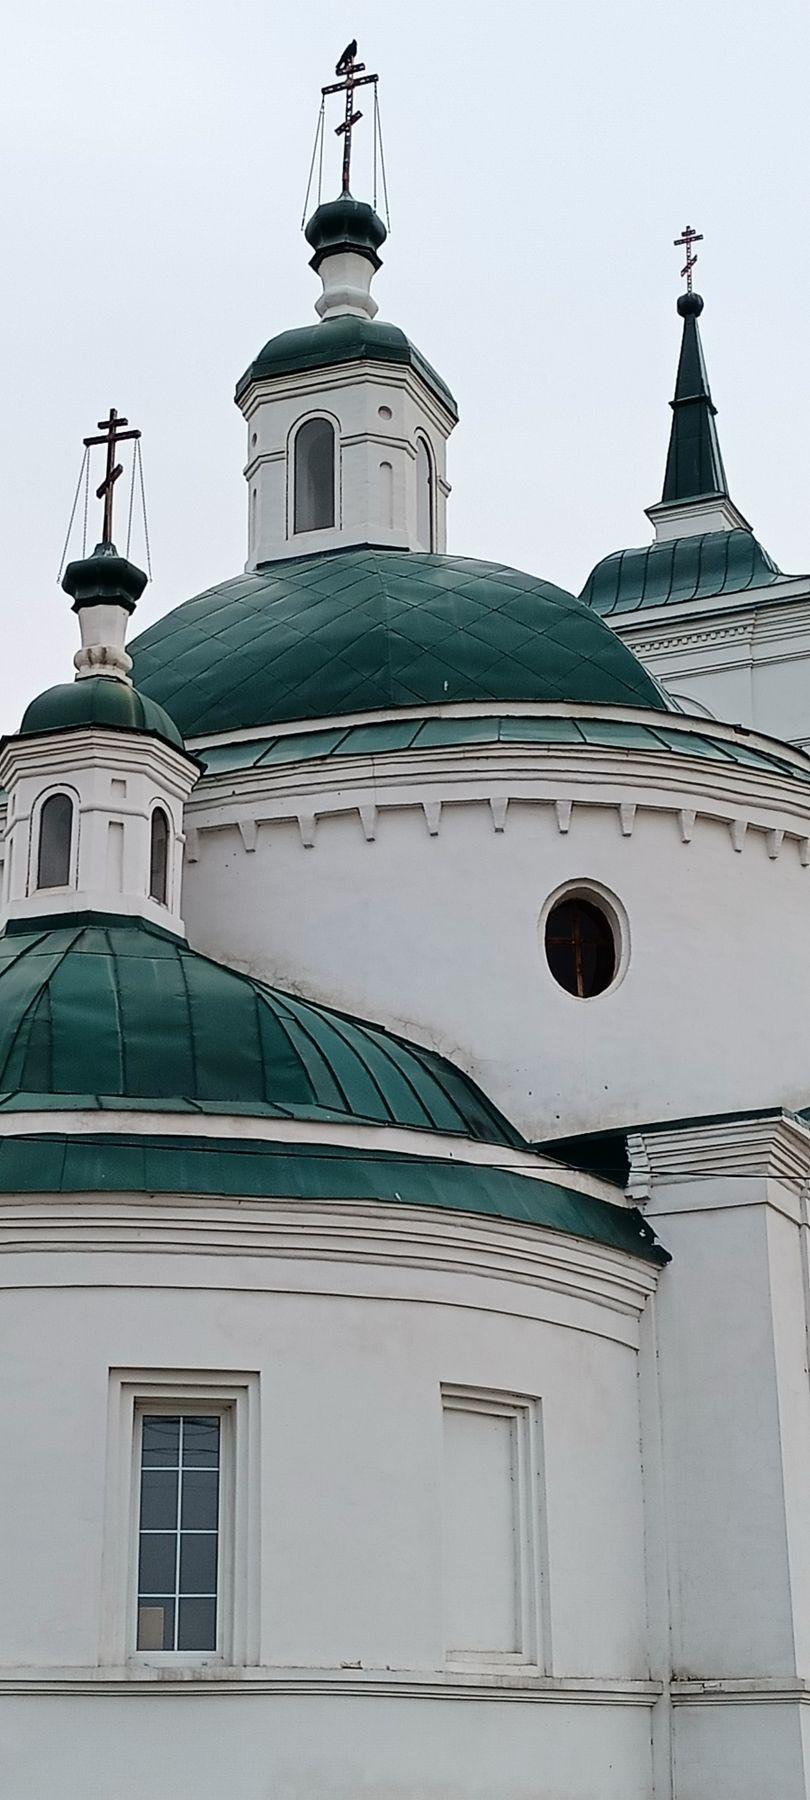 **Три изумруда в белой оправе* Церковь храм купола белая церковь изумрудные окна